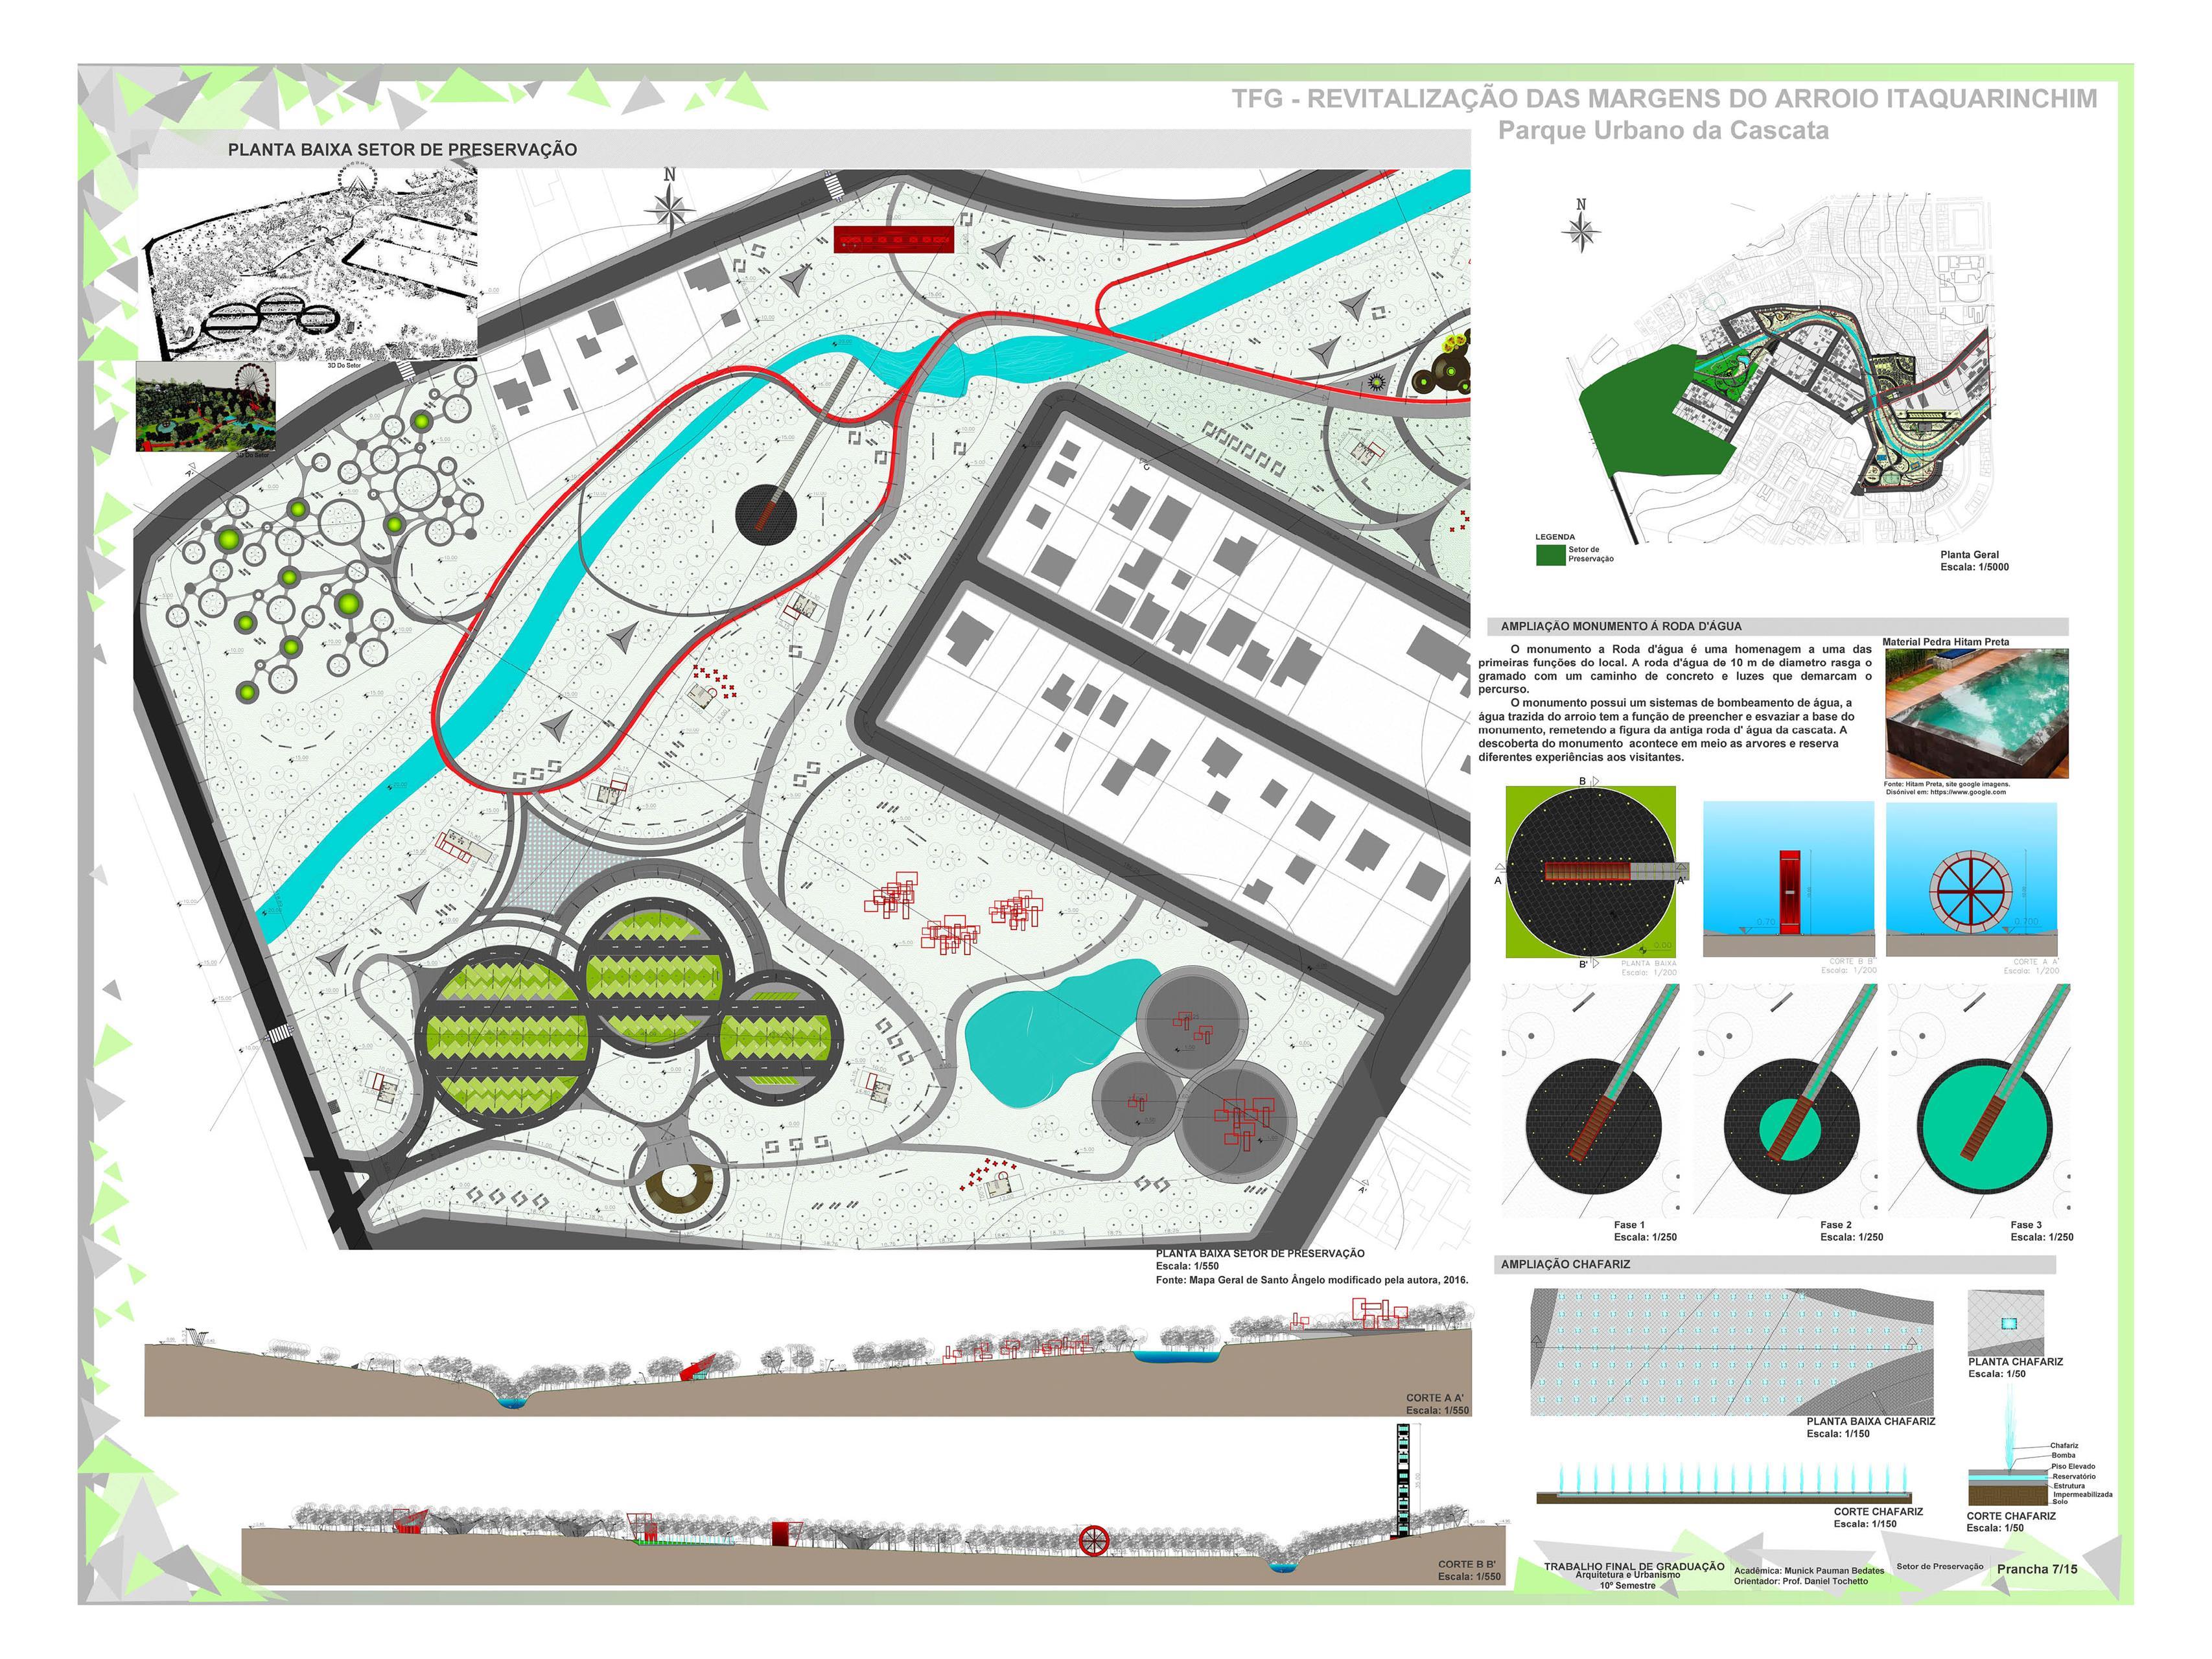 Revitalização das Margens do Arroio Itaquarinchim - Parque Urbano da Cascata7 (Copy)